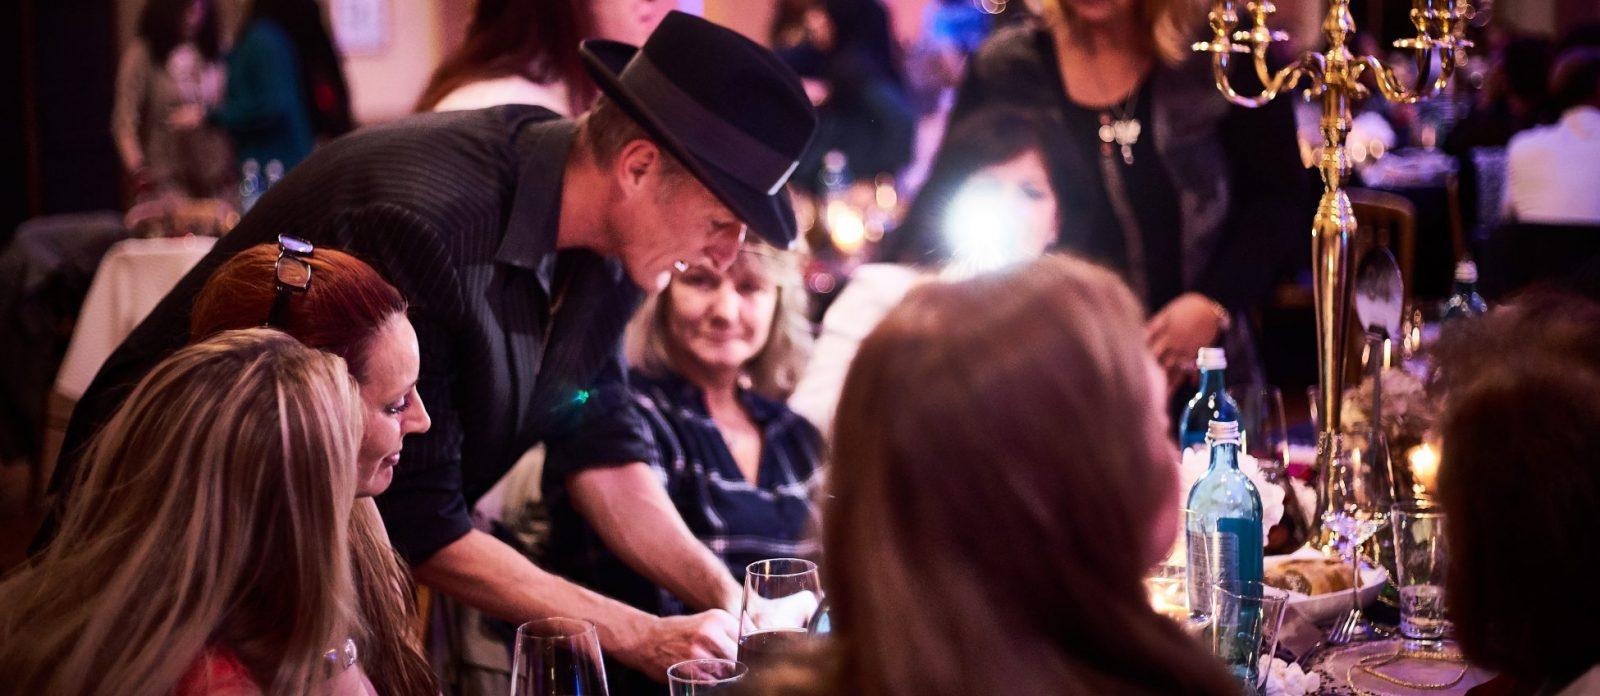 Zauberer Walkact für eine Greag Gatsby Party